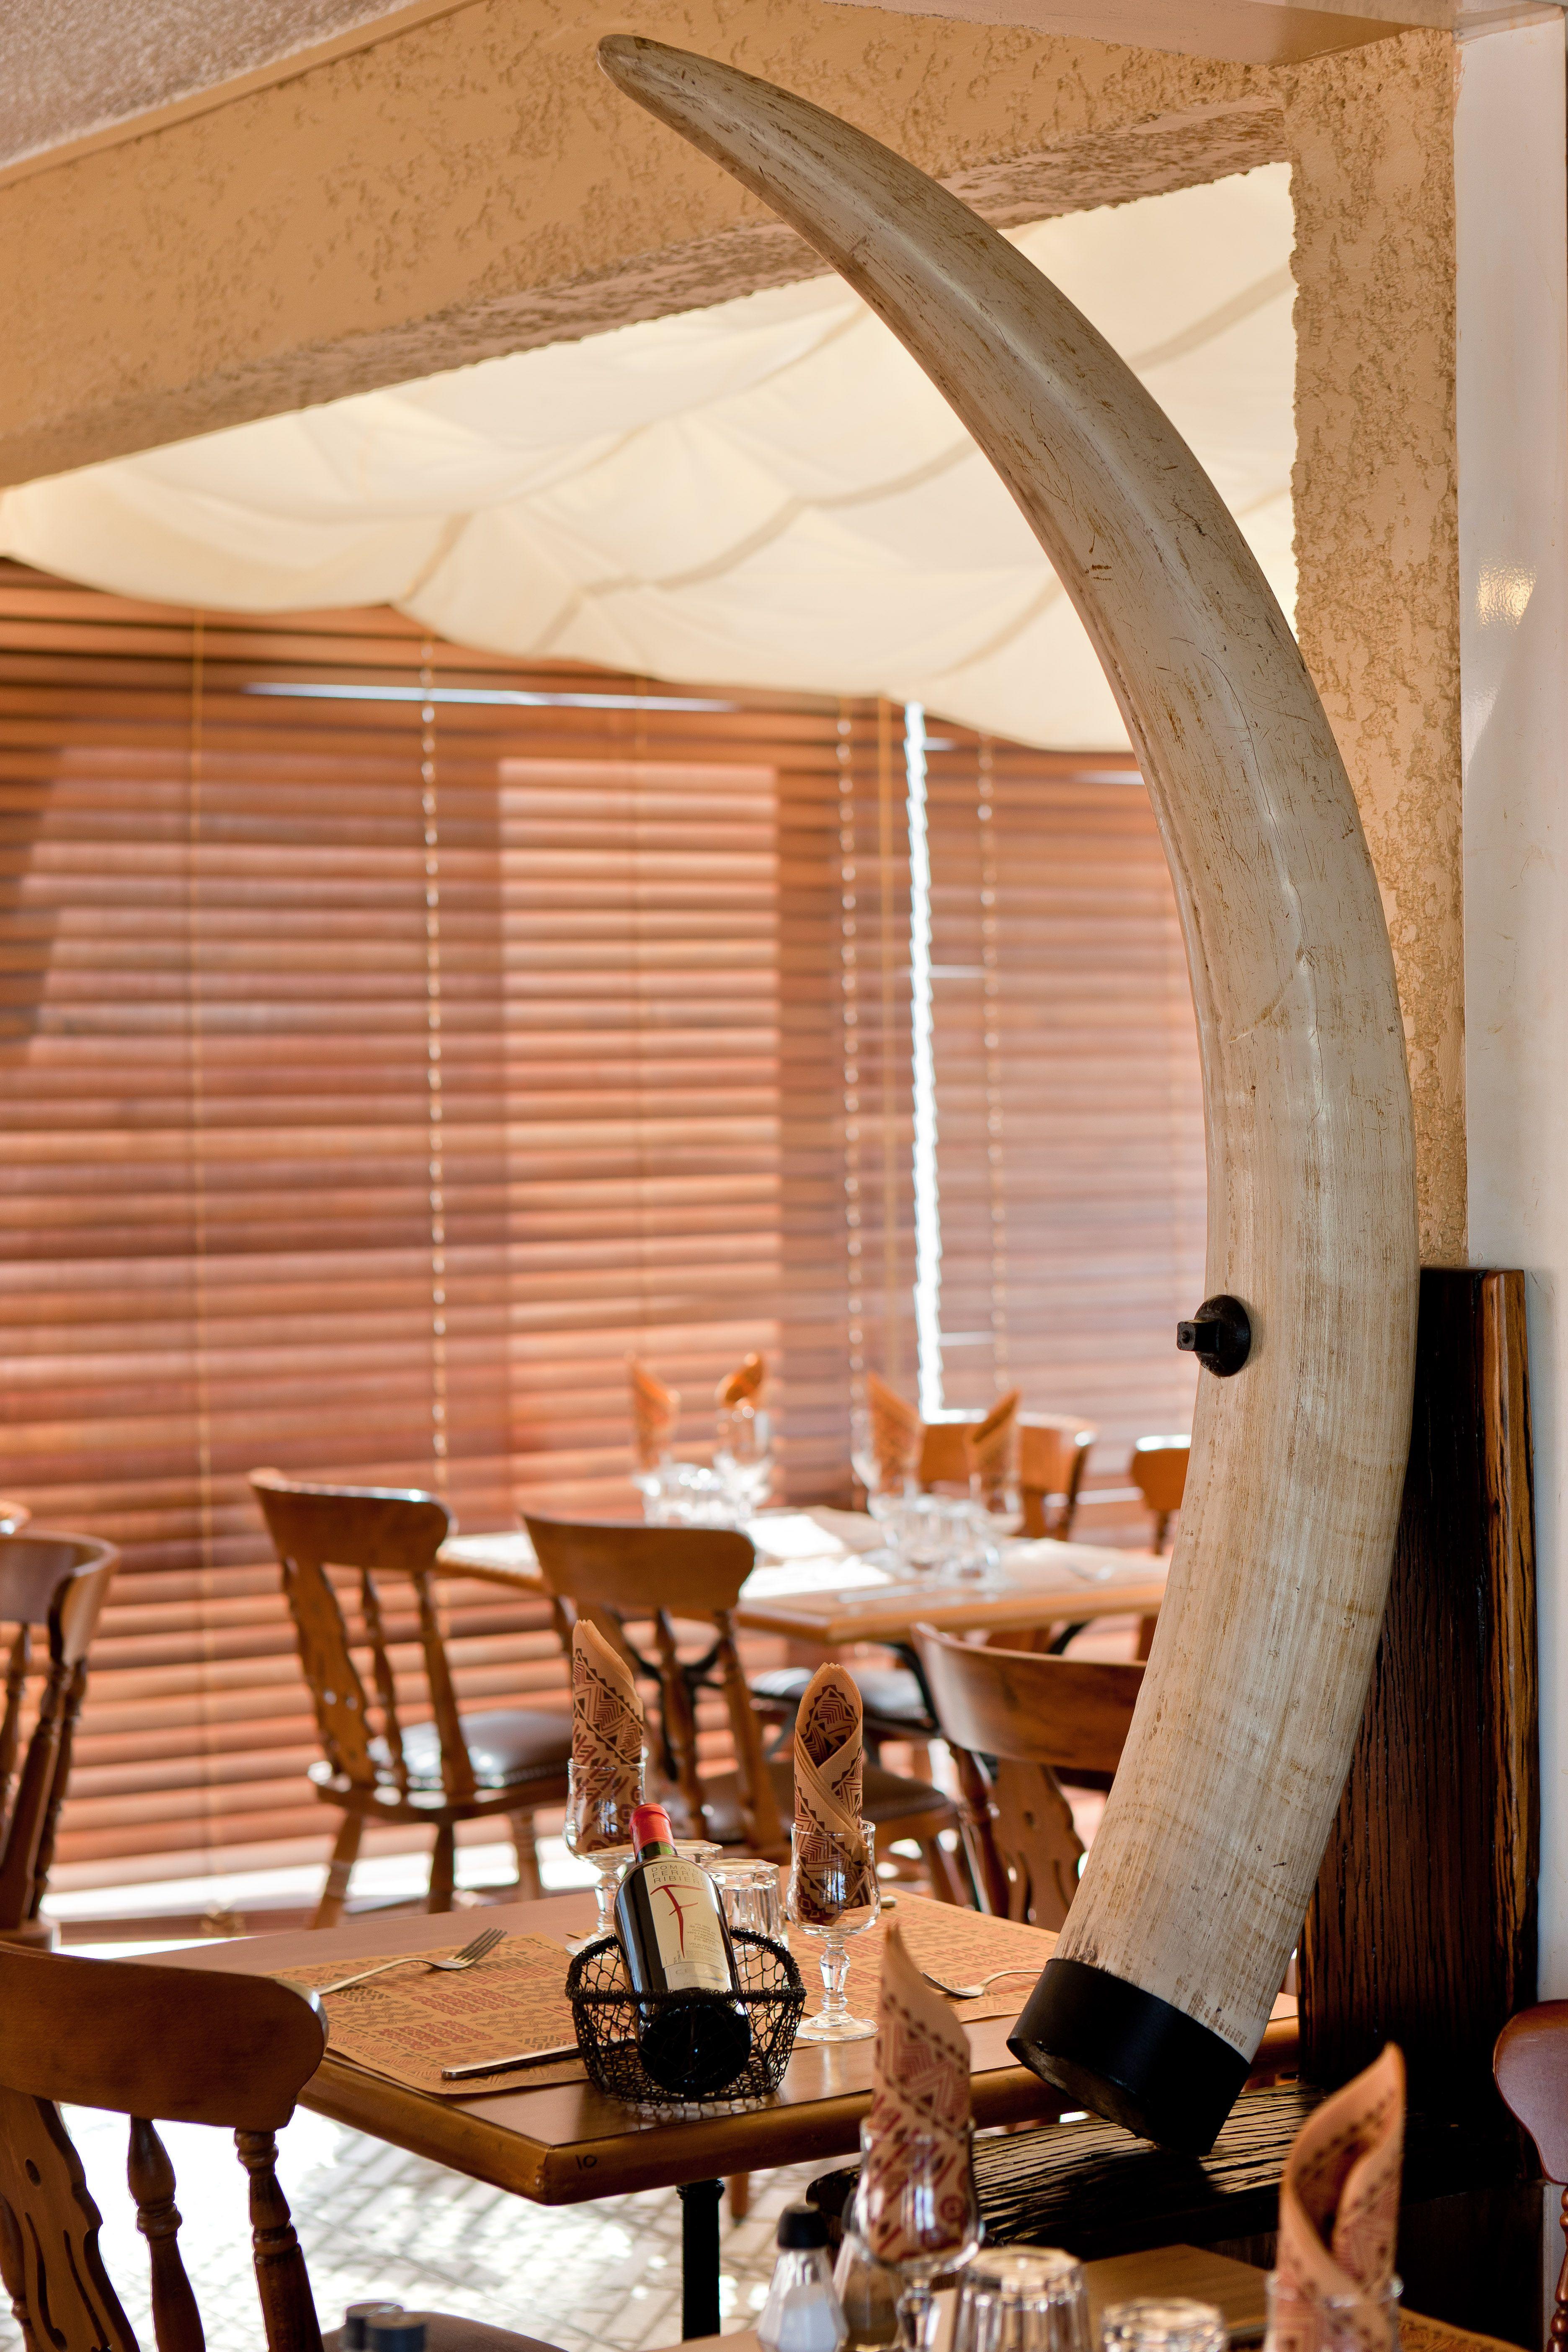 d couvrez notre restaurant le safari joe dans un cadre africain et l 39 ombre d 39 un patio. Black Bedroom Furniture Sets. Home Design Ideas